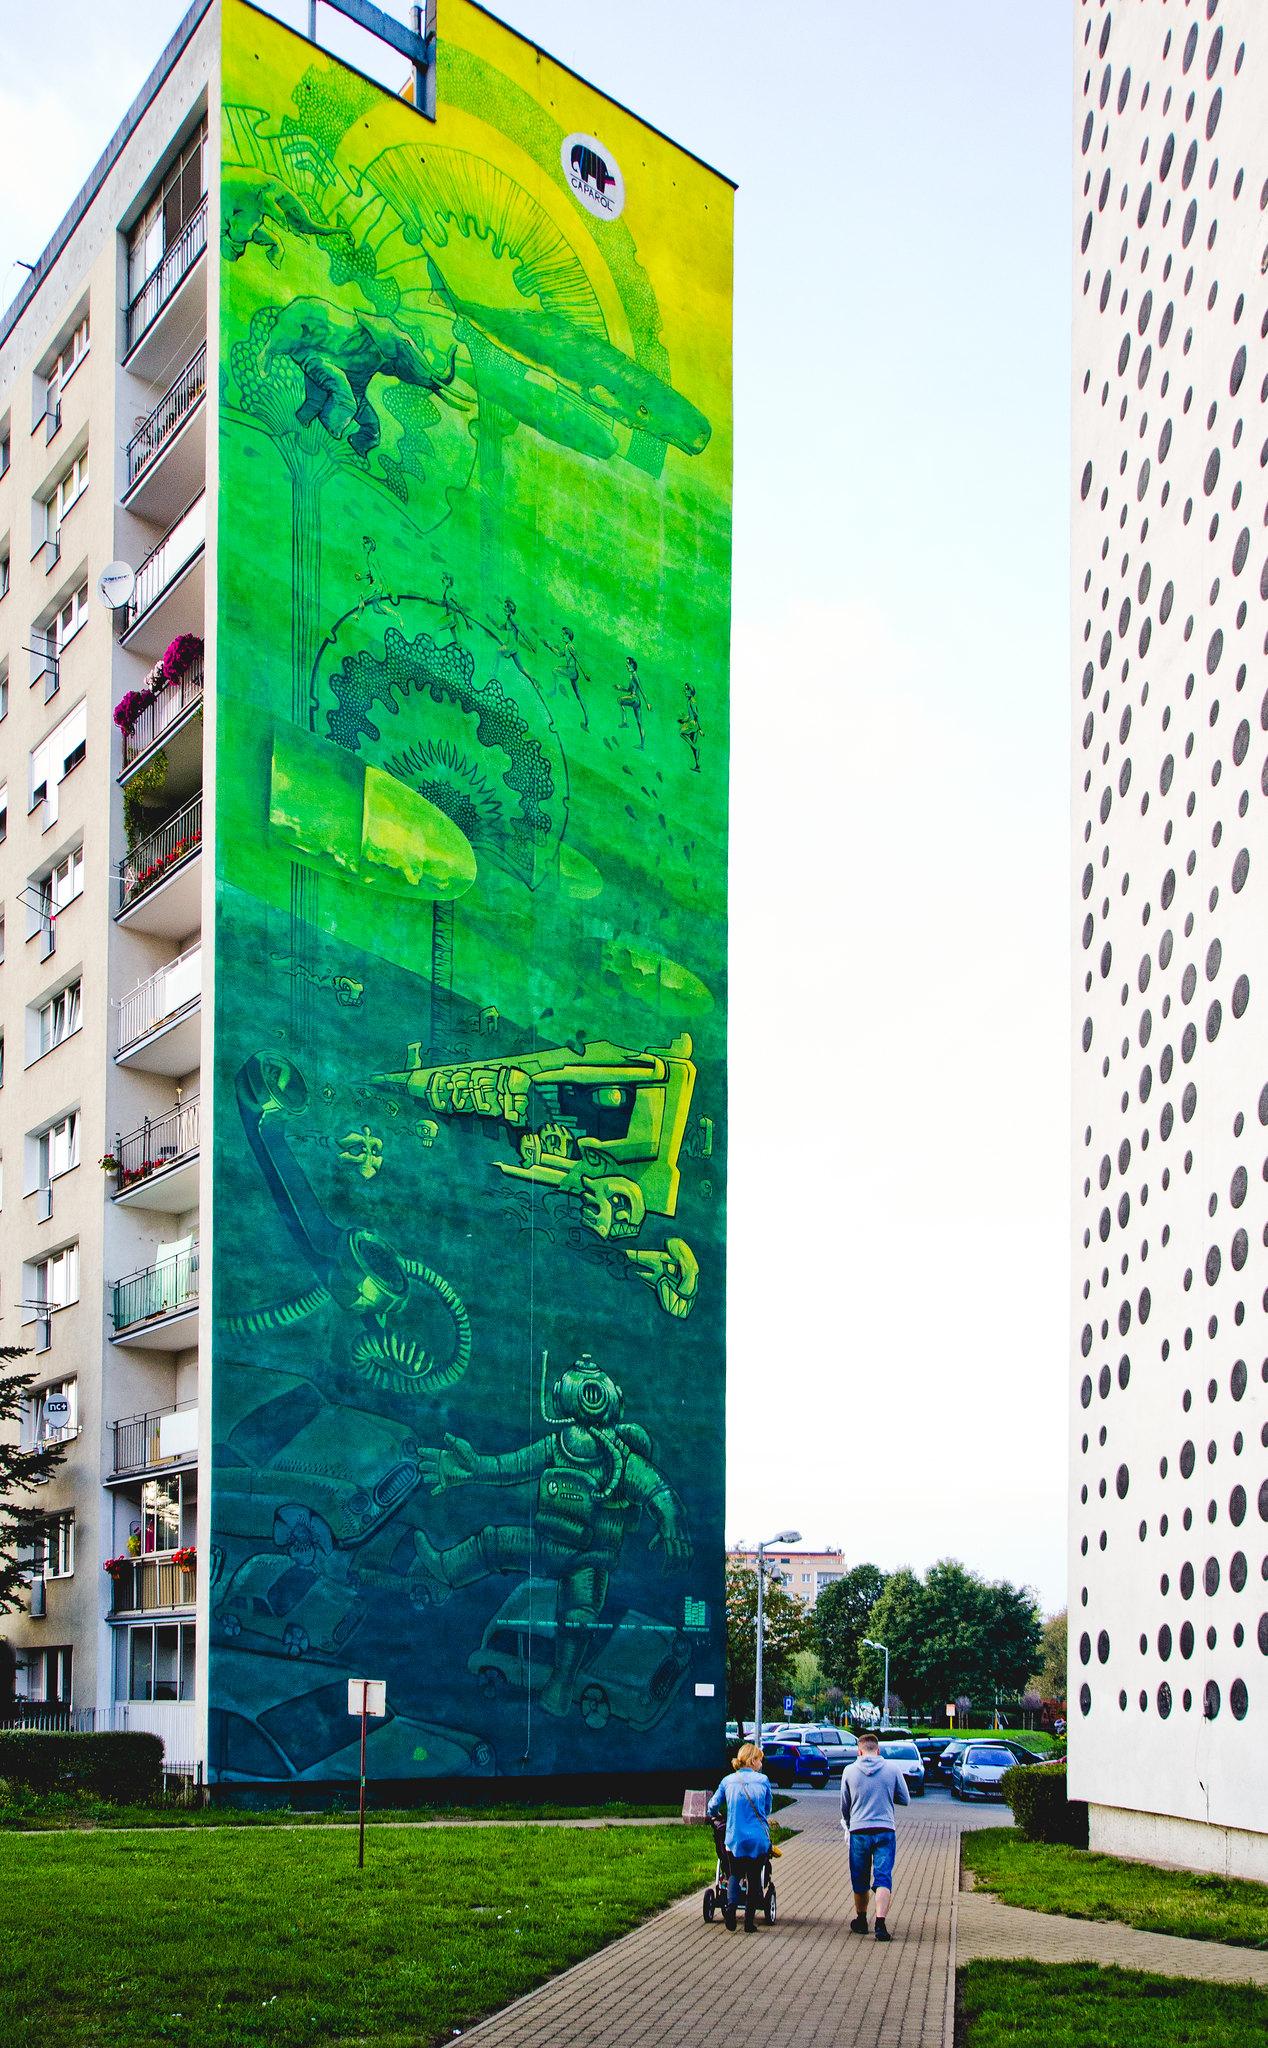 prace zbiorowe  gdańskiej szkoły muralu & PGR ART // gdansk